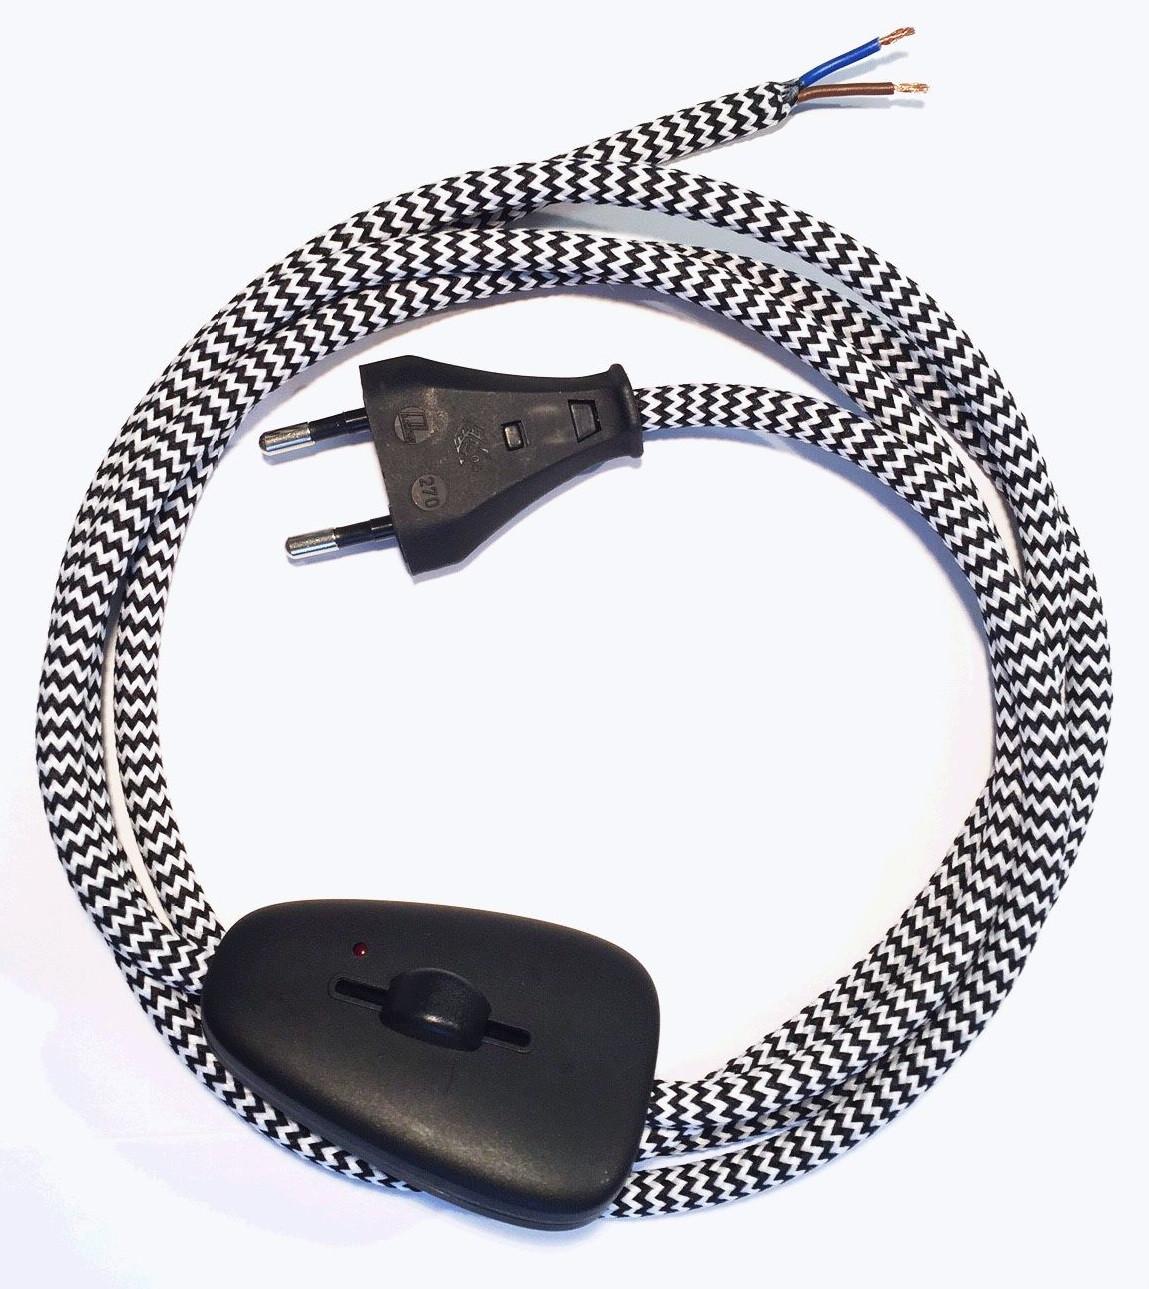 Anschlussleitung mit Eurostecker und Dimmer Schwarz-Weiss Zick Zack 2-adrig